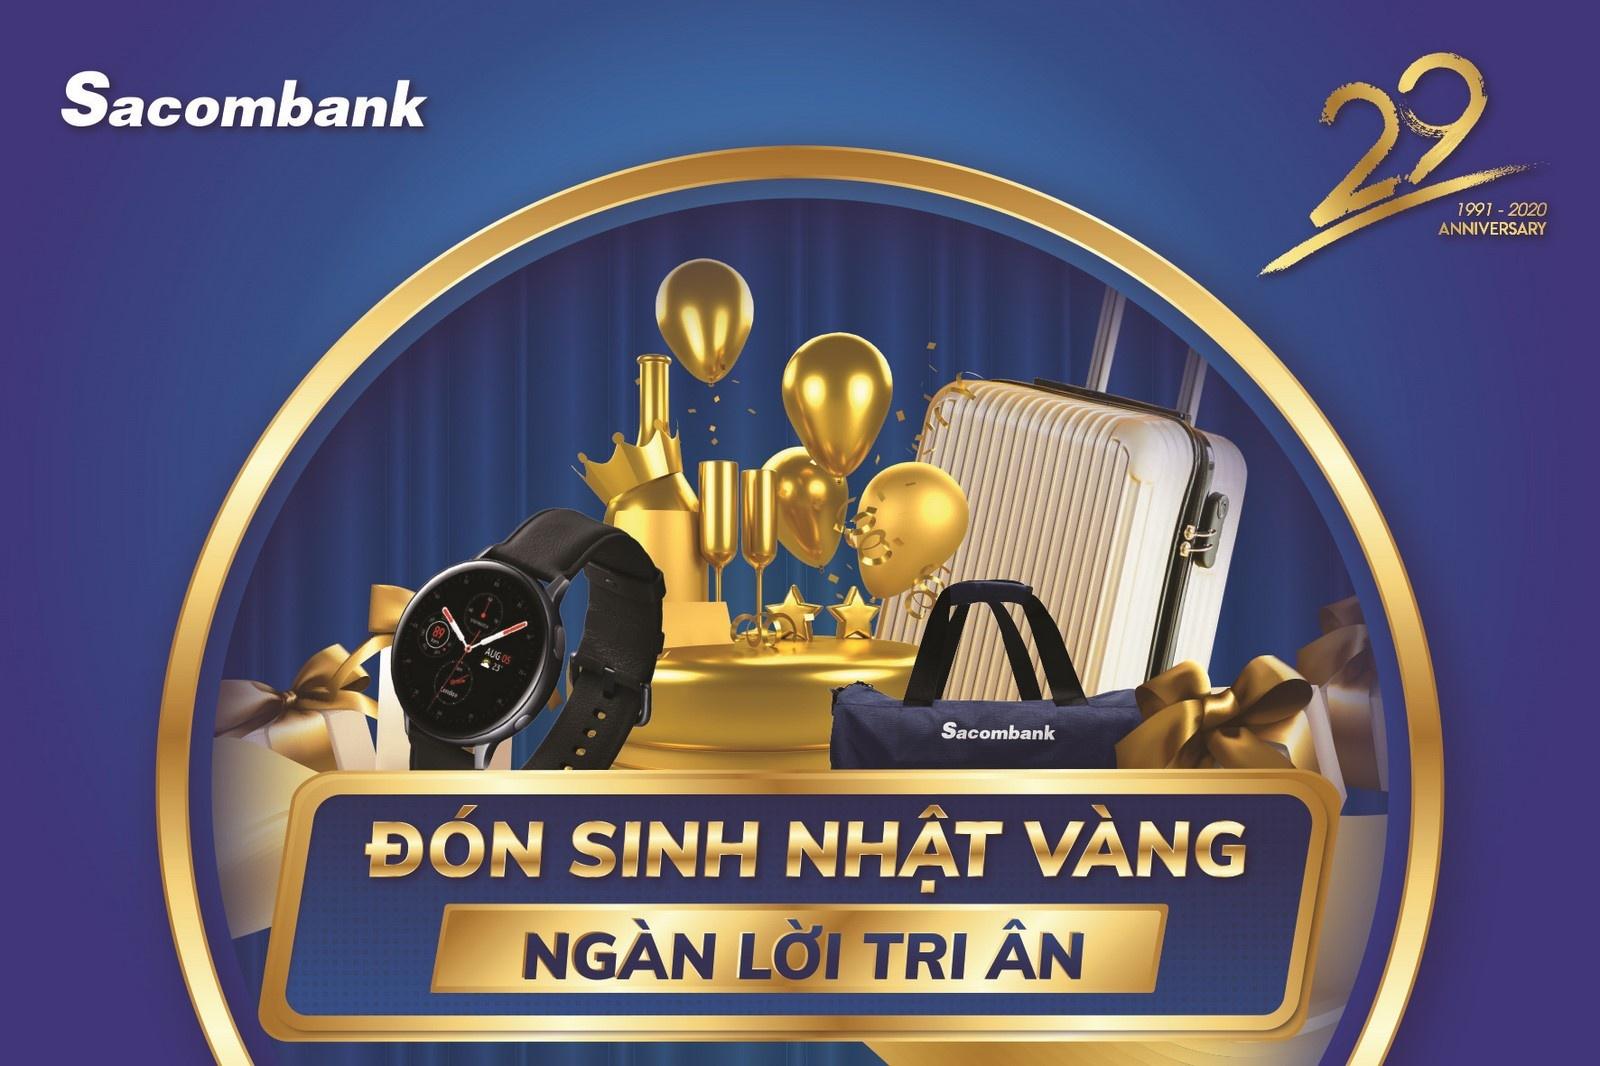 Sacombank tung ra khuyến mãi lớn nhất trong năm